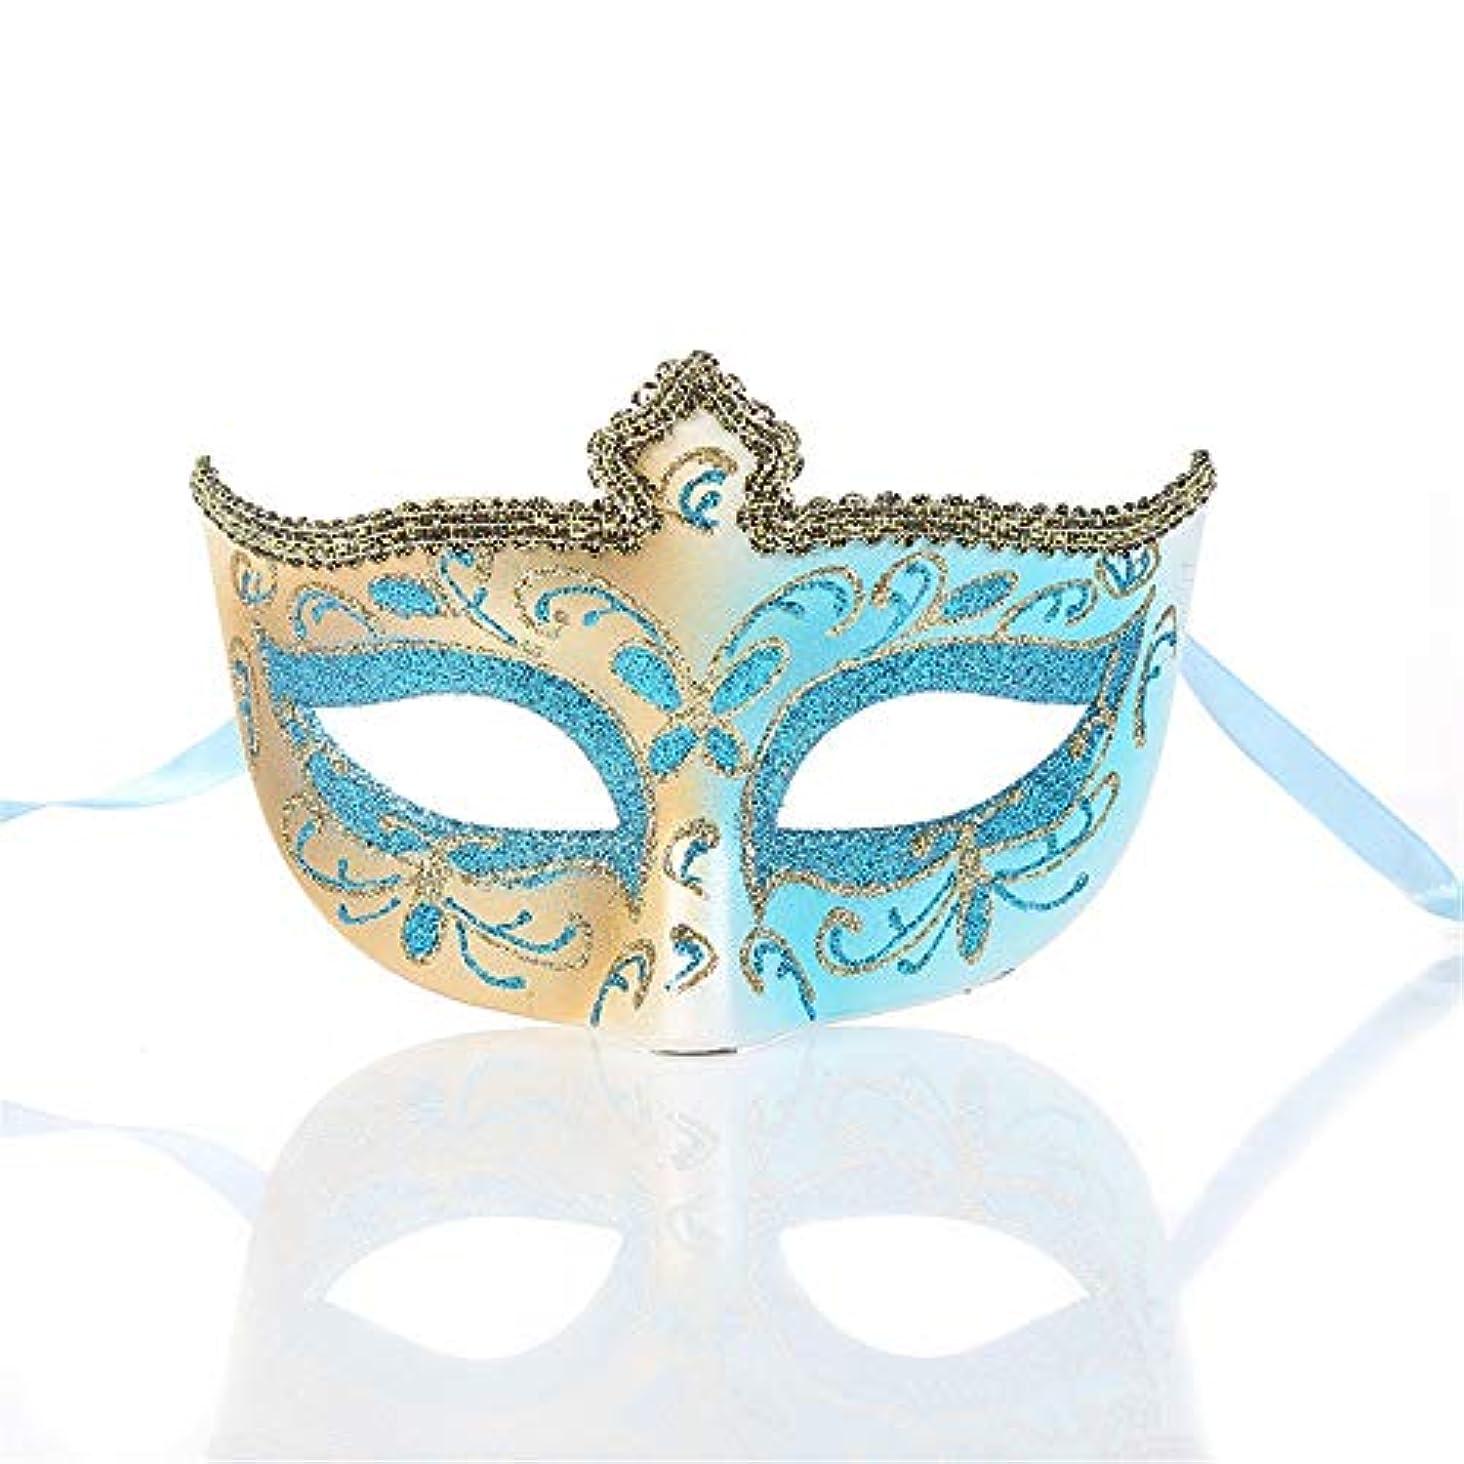 怠感のため均等にダンスマスク クリエイティブクラシックハーフマスクマスカレードパーティーデコレーションコスプレプラスチックマスク ホリデーパーティー用品 (色 : 青, サイズ : 17x11cm)